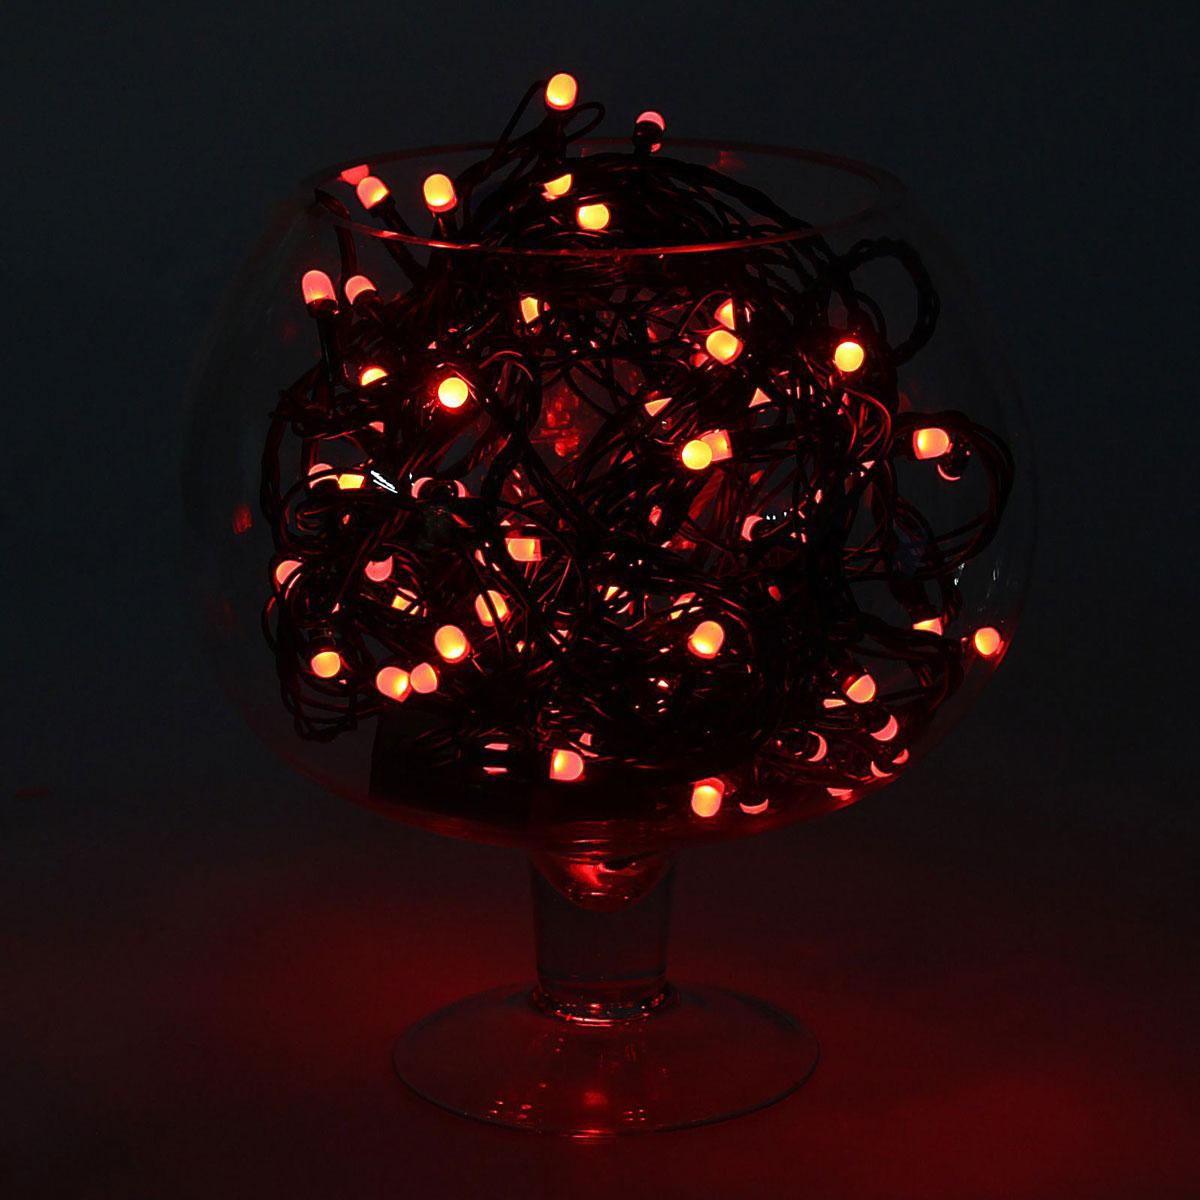 Гирлянда светодиодная Luazon Метраж, уличная, 8 режимов, 100 ламп, 220 V, 10 м, цвет: красный. 10805531080553Светодиодные гирлянды, ленты и т.д. — это отличный вариант для новогоднего оформления интерьера или фасада. С их помощью помещение любого размера можно превратить в праздничный зал, а внешние элементы зданий, украшенные ими, мгновенно станут напоминать очертания сказочного дворца. Такие украшения создают ауру предвкушения чуда. Деревья, фасады, витрины, окна и арки будто специально созданы, чтобы вы украсили их светящимися нитями.